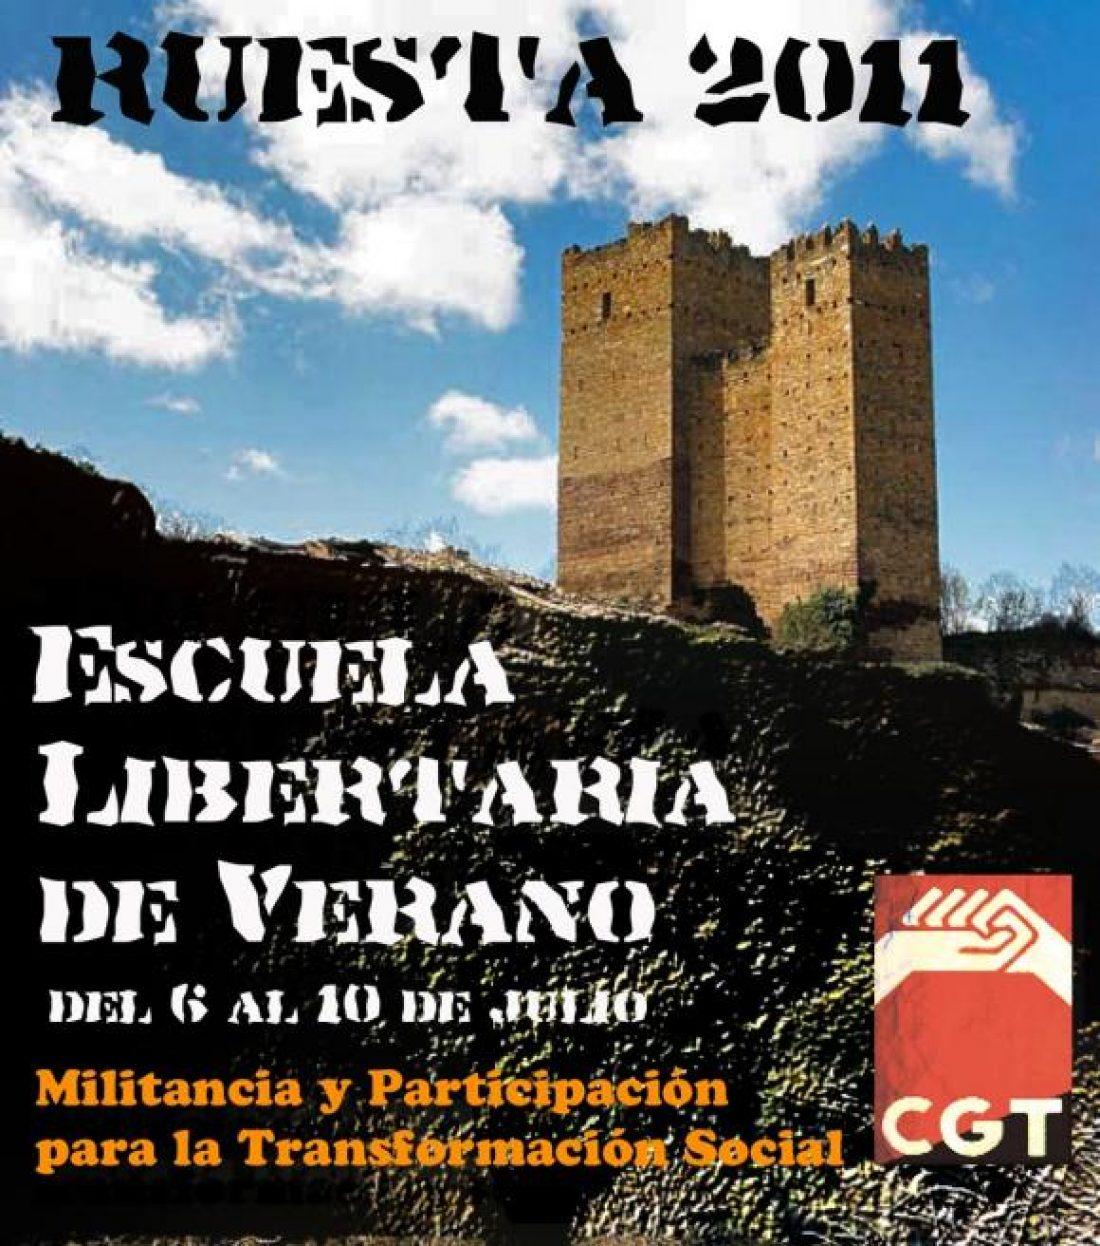 Escuela Libertaria de Verano: Militancia y Participación para la Transformación Social (Ruesta 6-10 de julio)